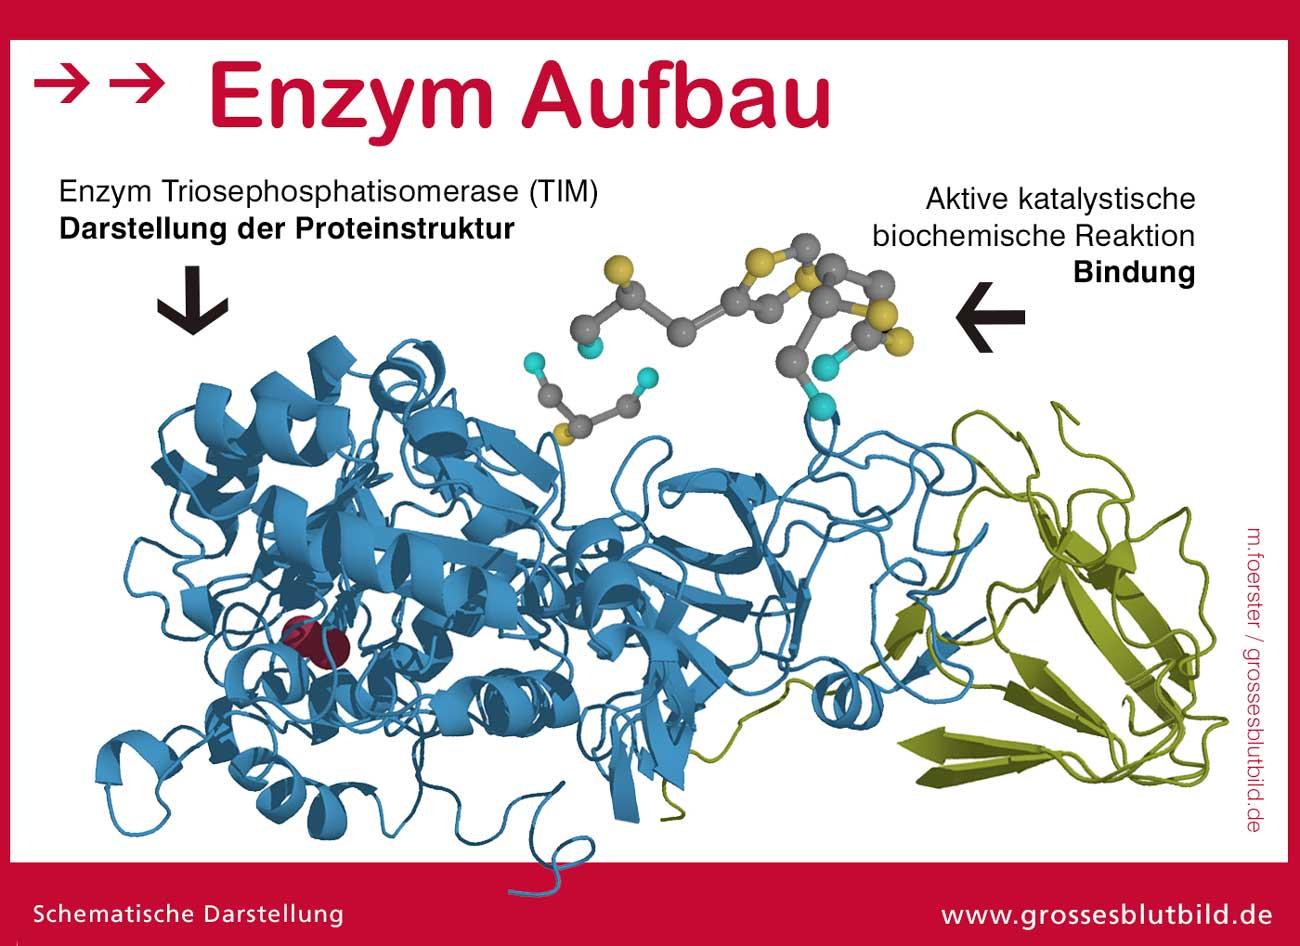 Enzym Aufbau